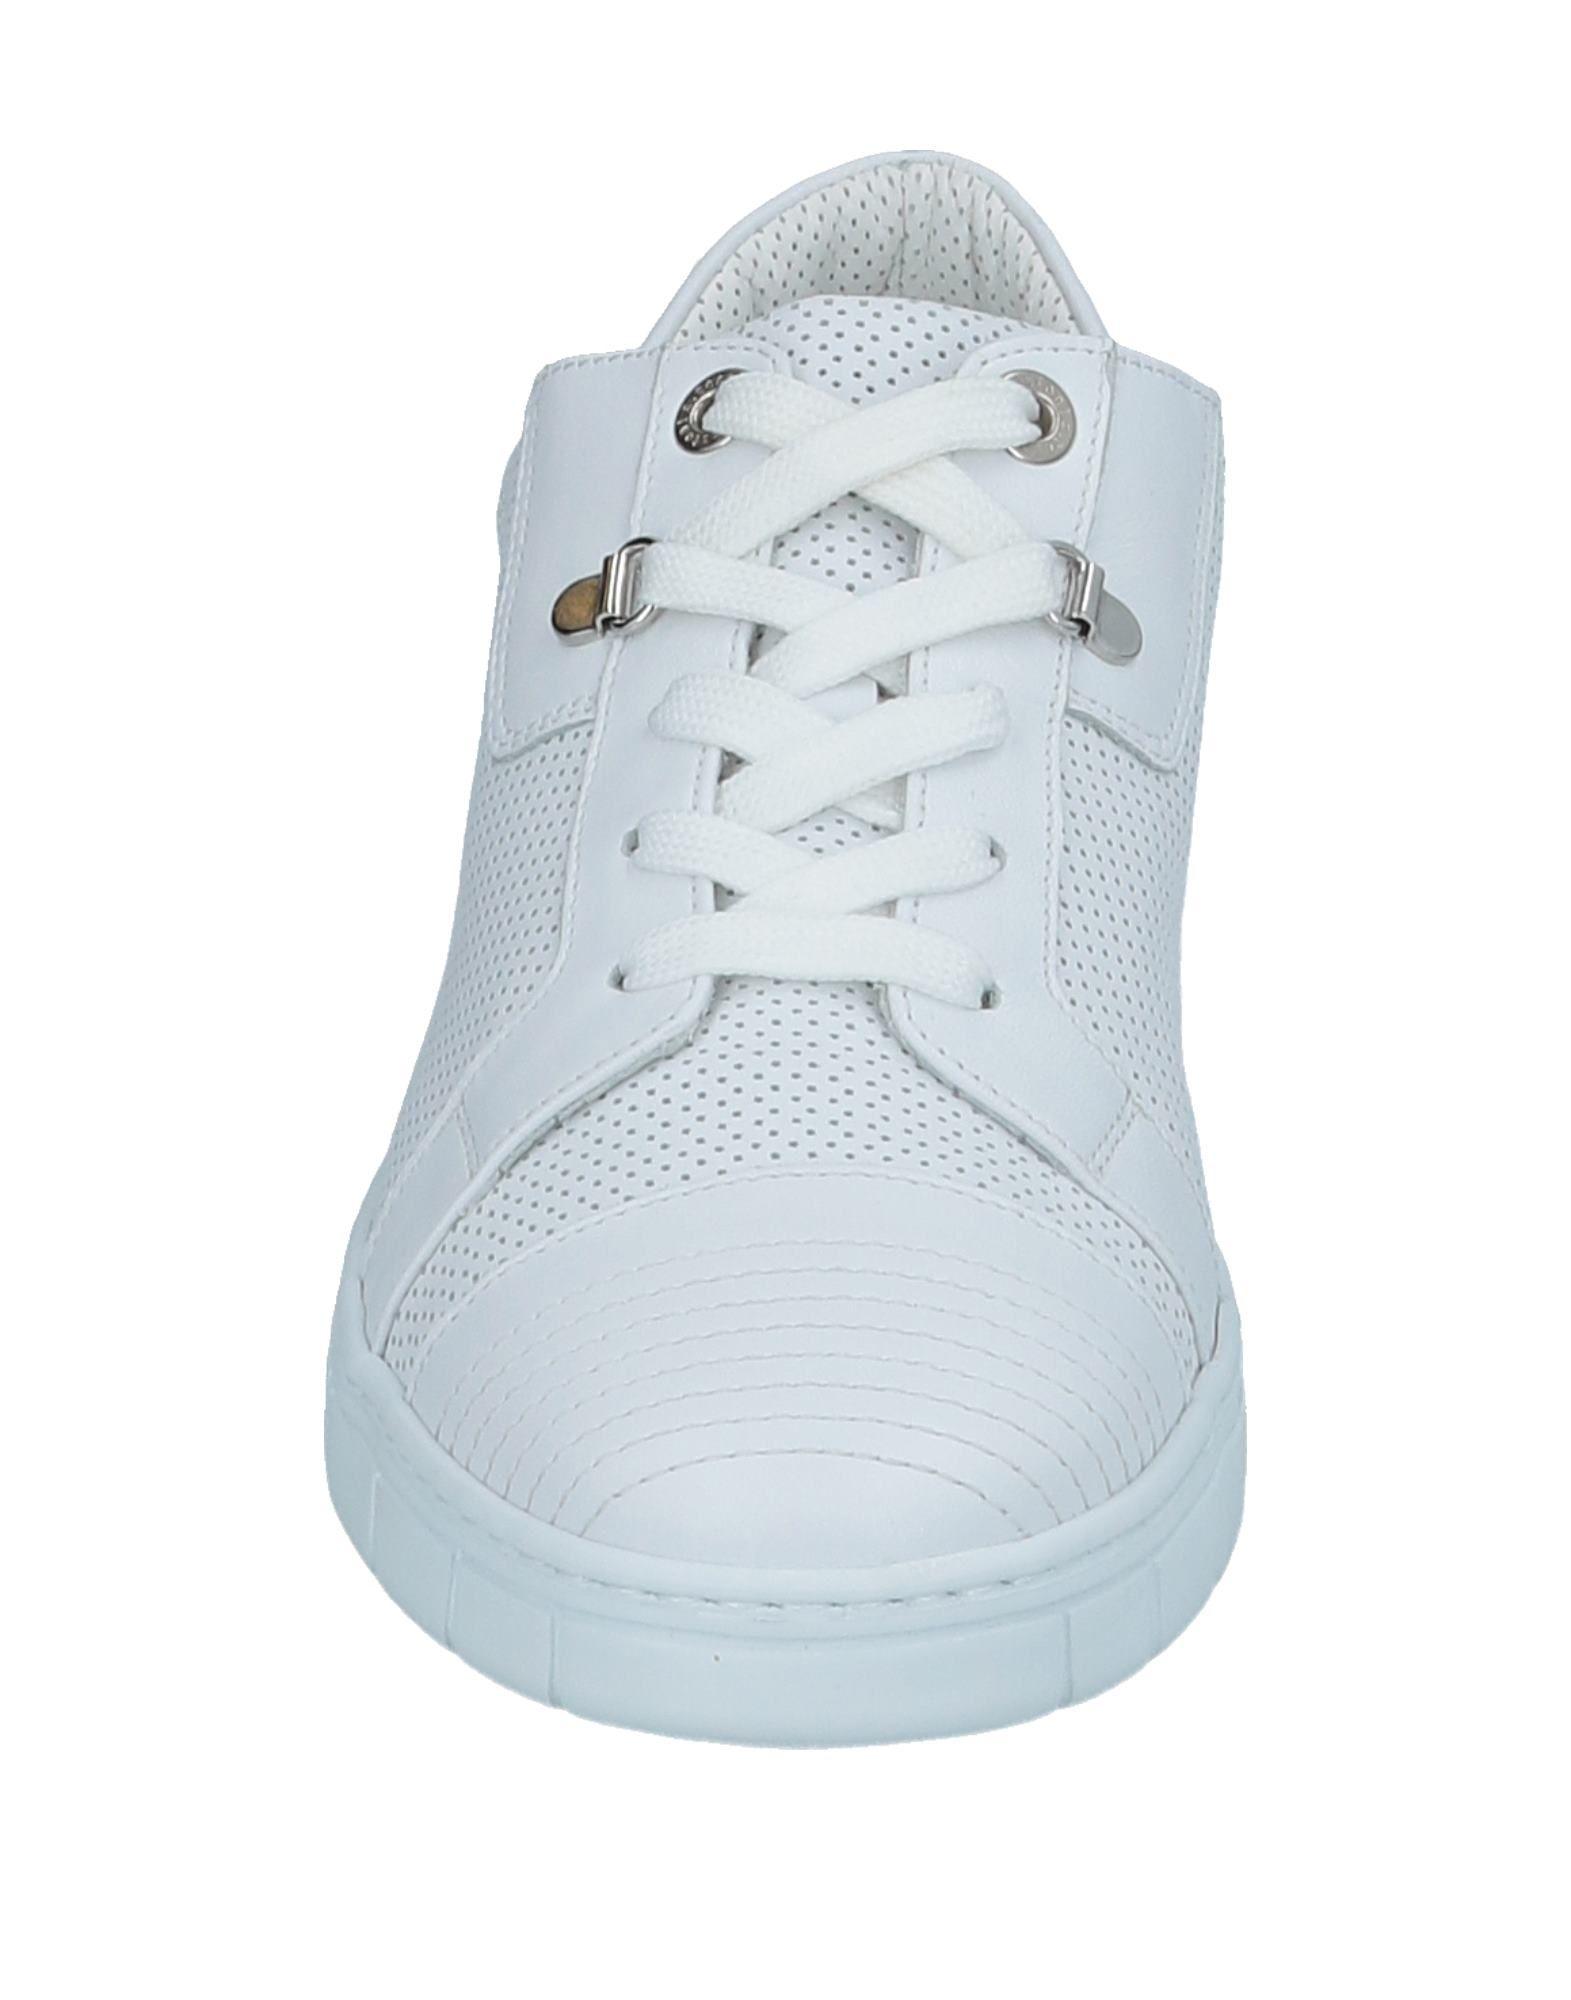 Scarpe economiche e resistenti A.Testoni Sneakers A.Testoni resistenti Uomo - 11542603KD afad27